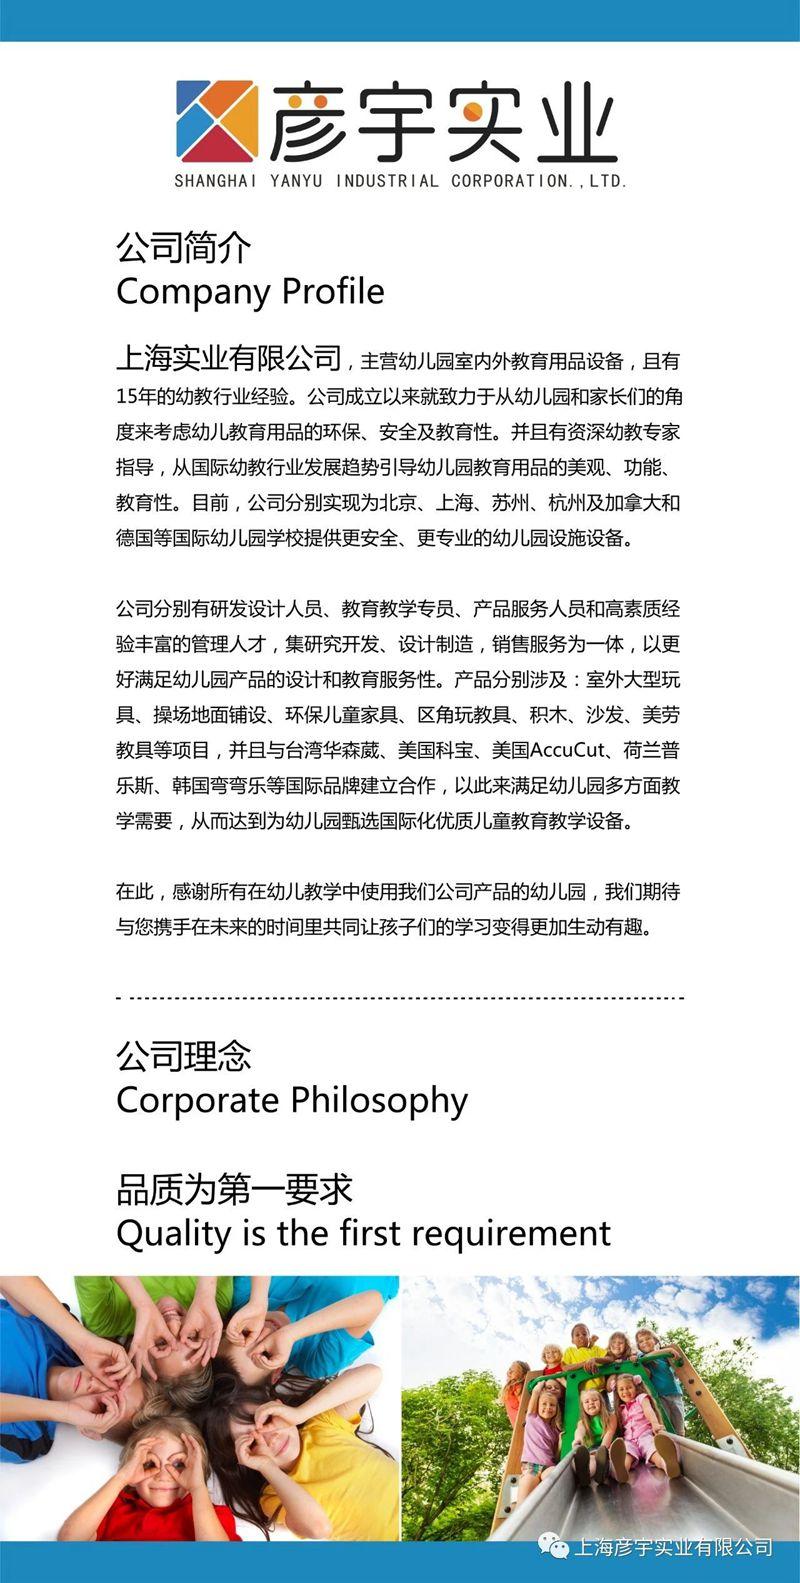 上海彦宇实业有限公司